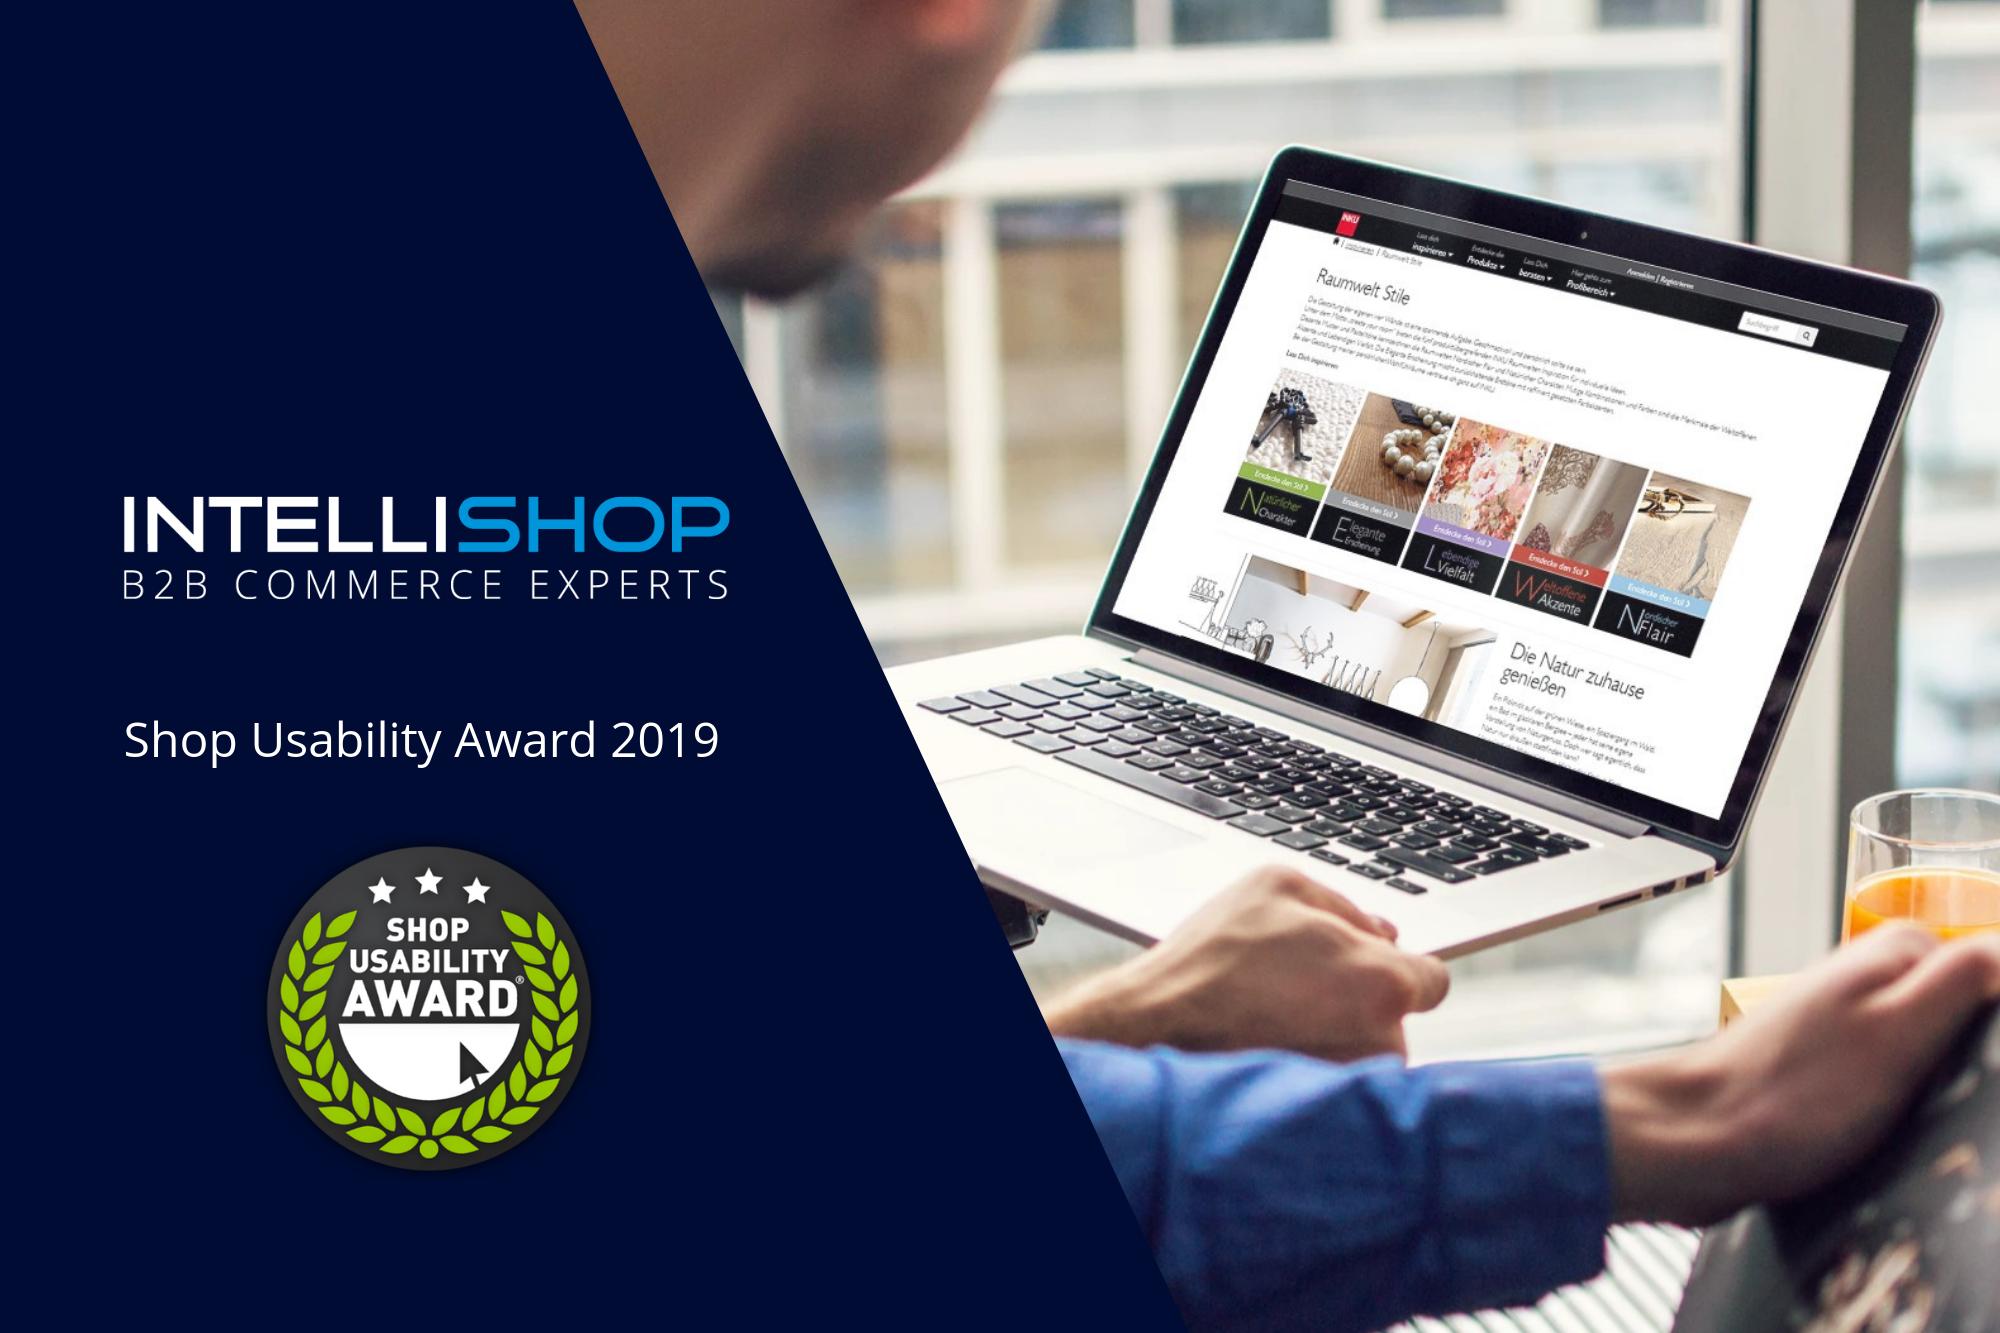 IntelliShop-Event-Shop-Usability-Award-2019